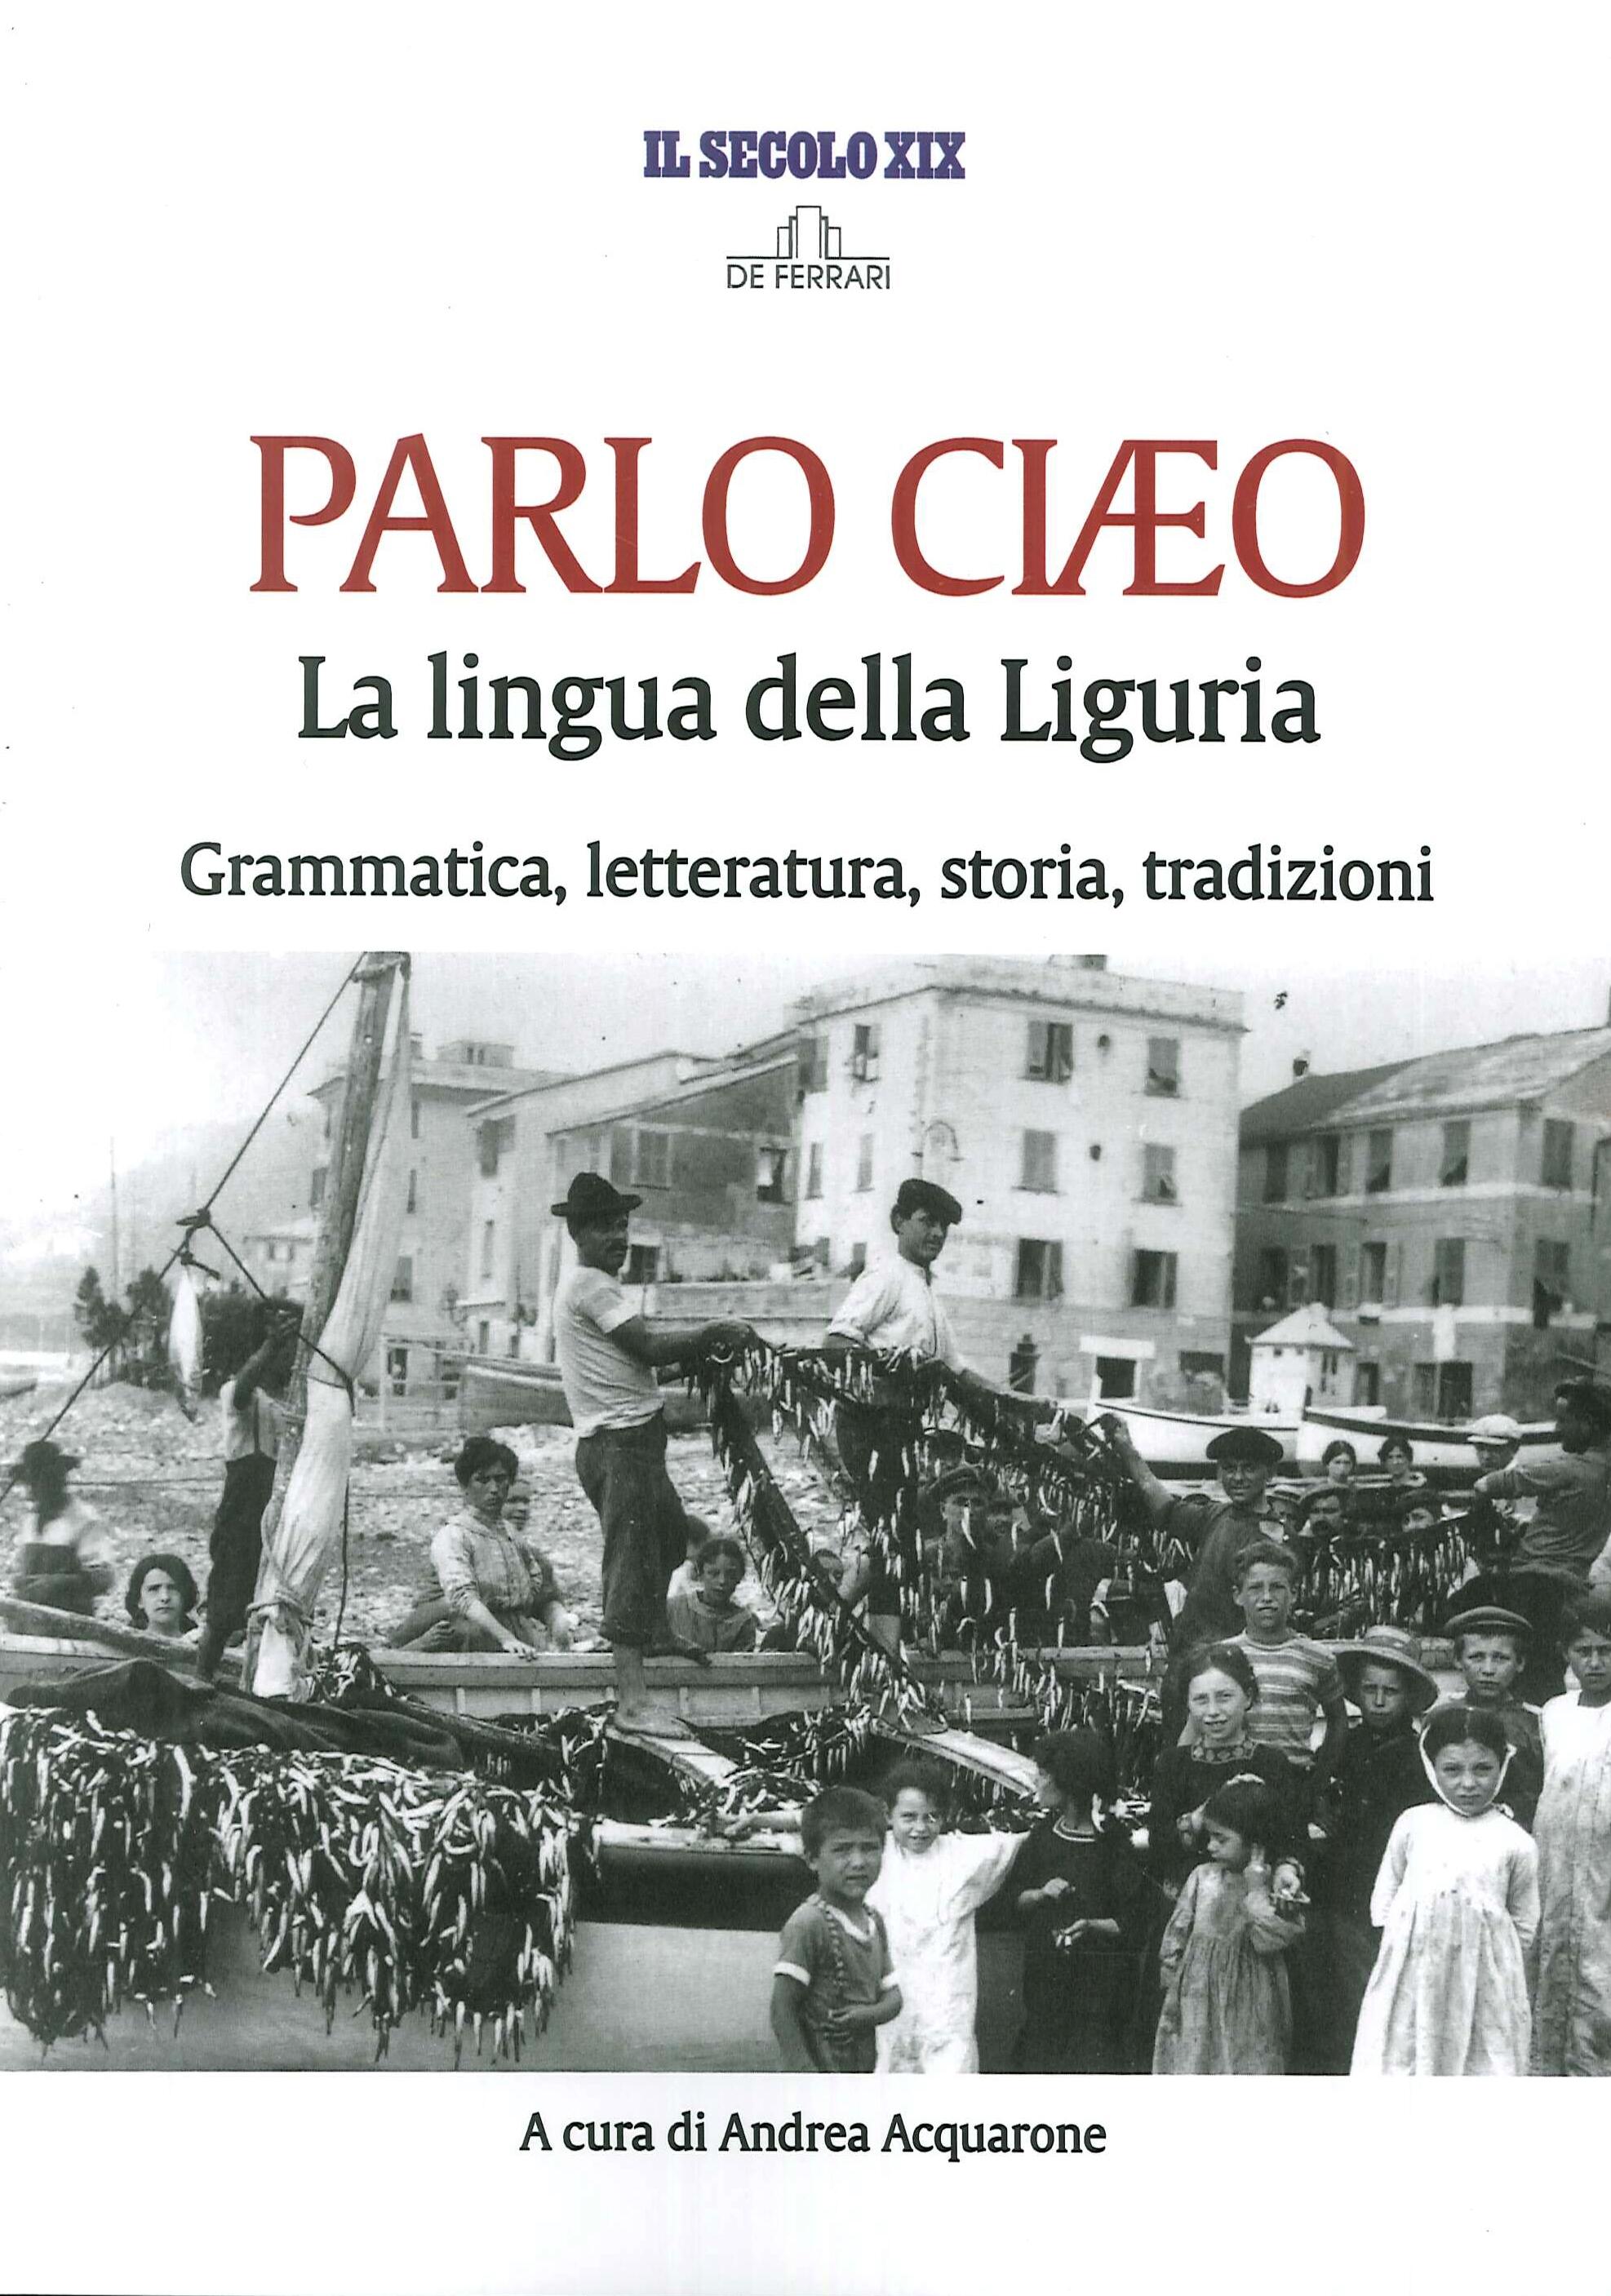 Parlo Ciaeo. La lingua della Liguria.